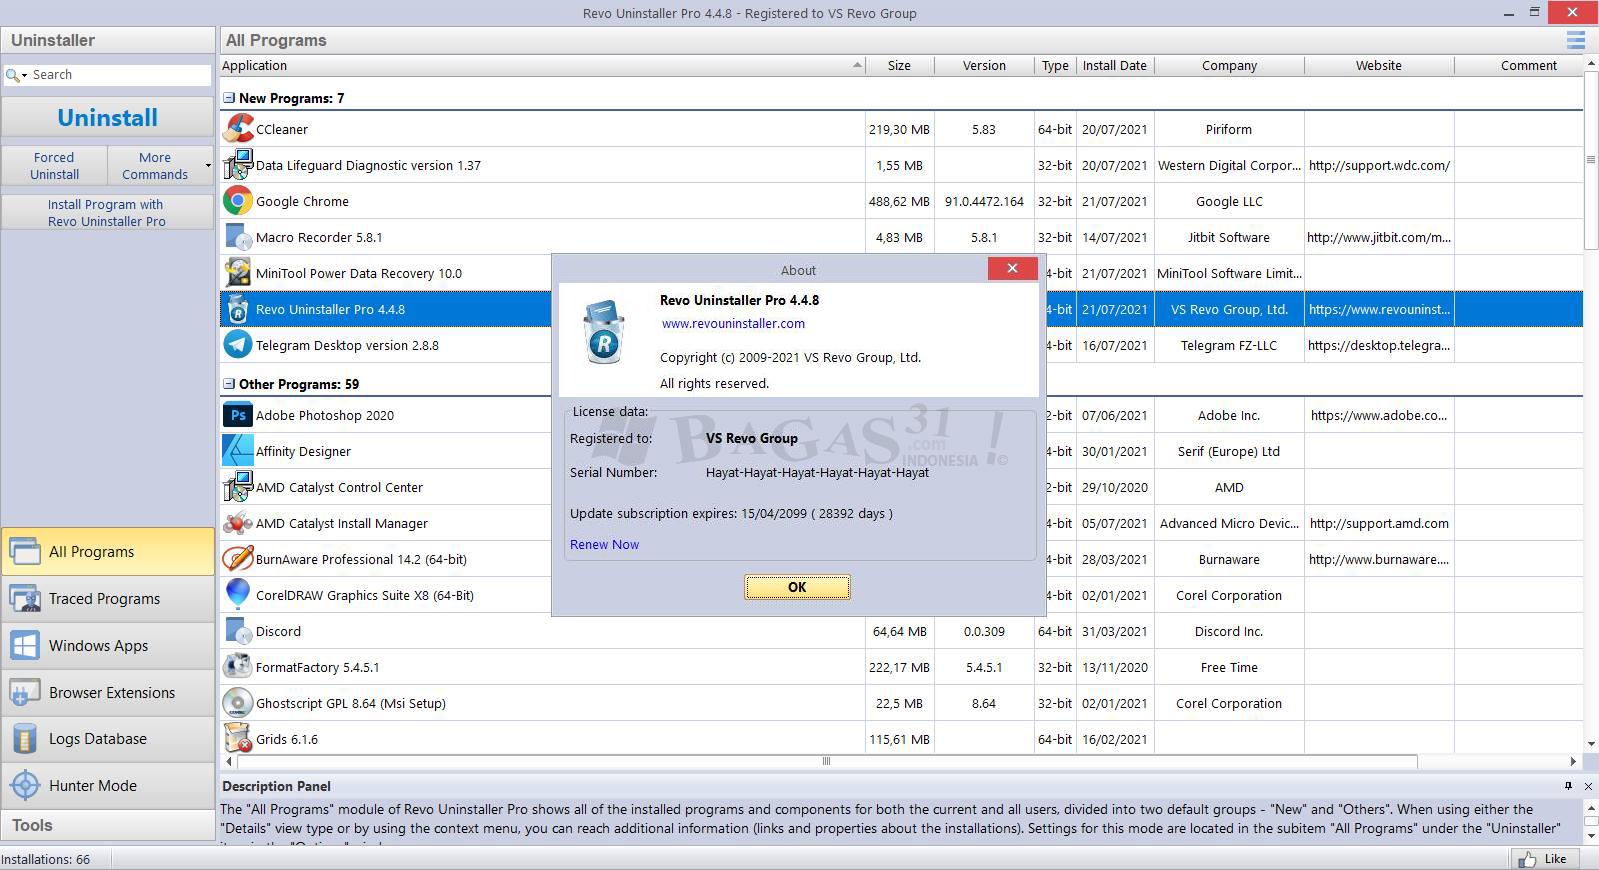 Revo Uninstaller Pro 4.4.8 Full Version